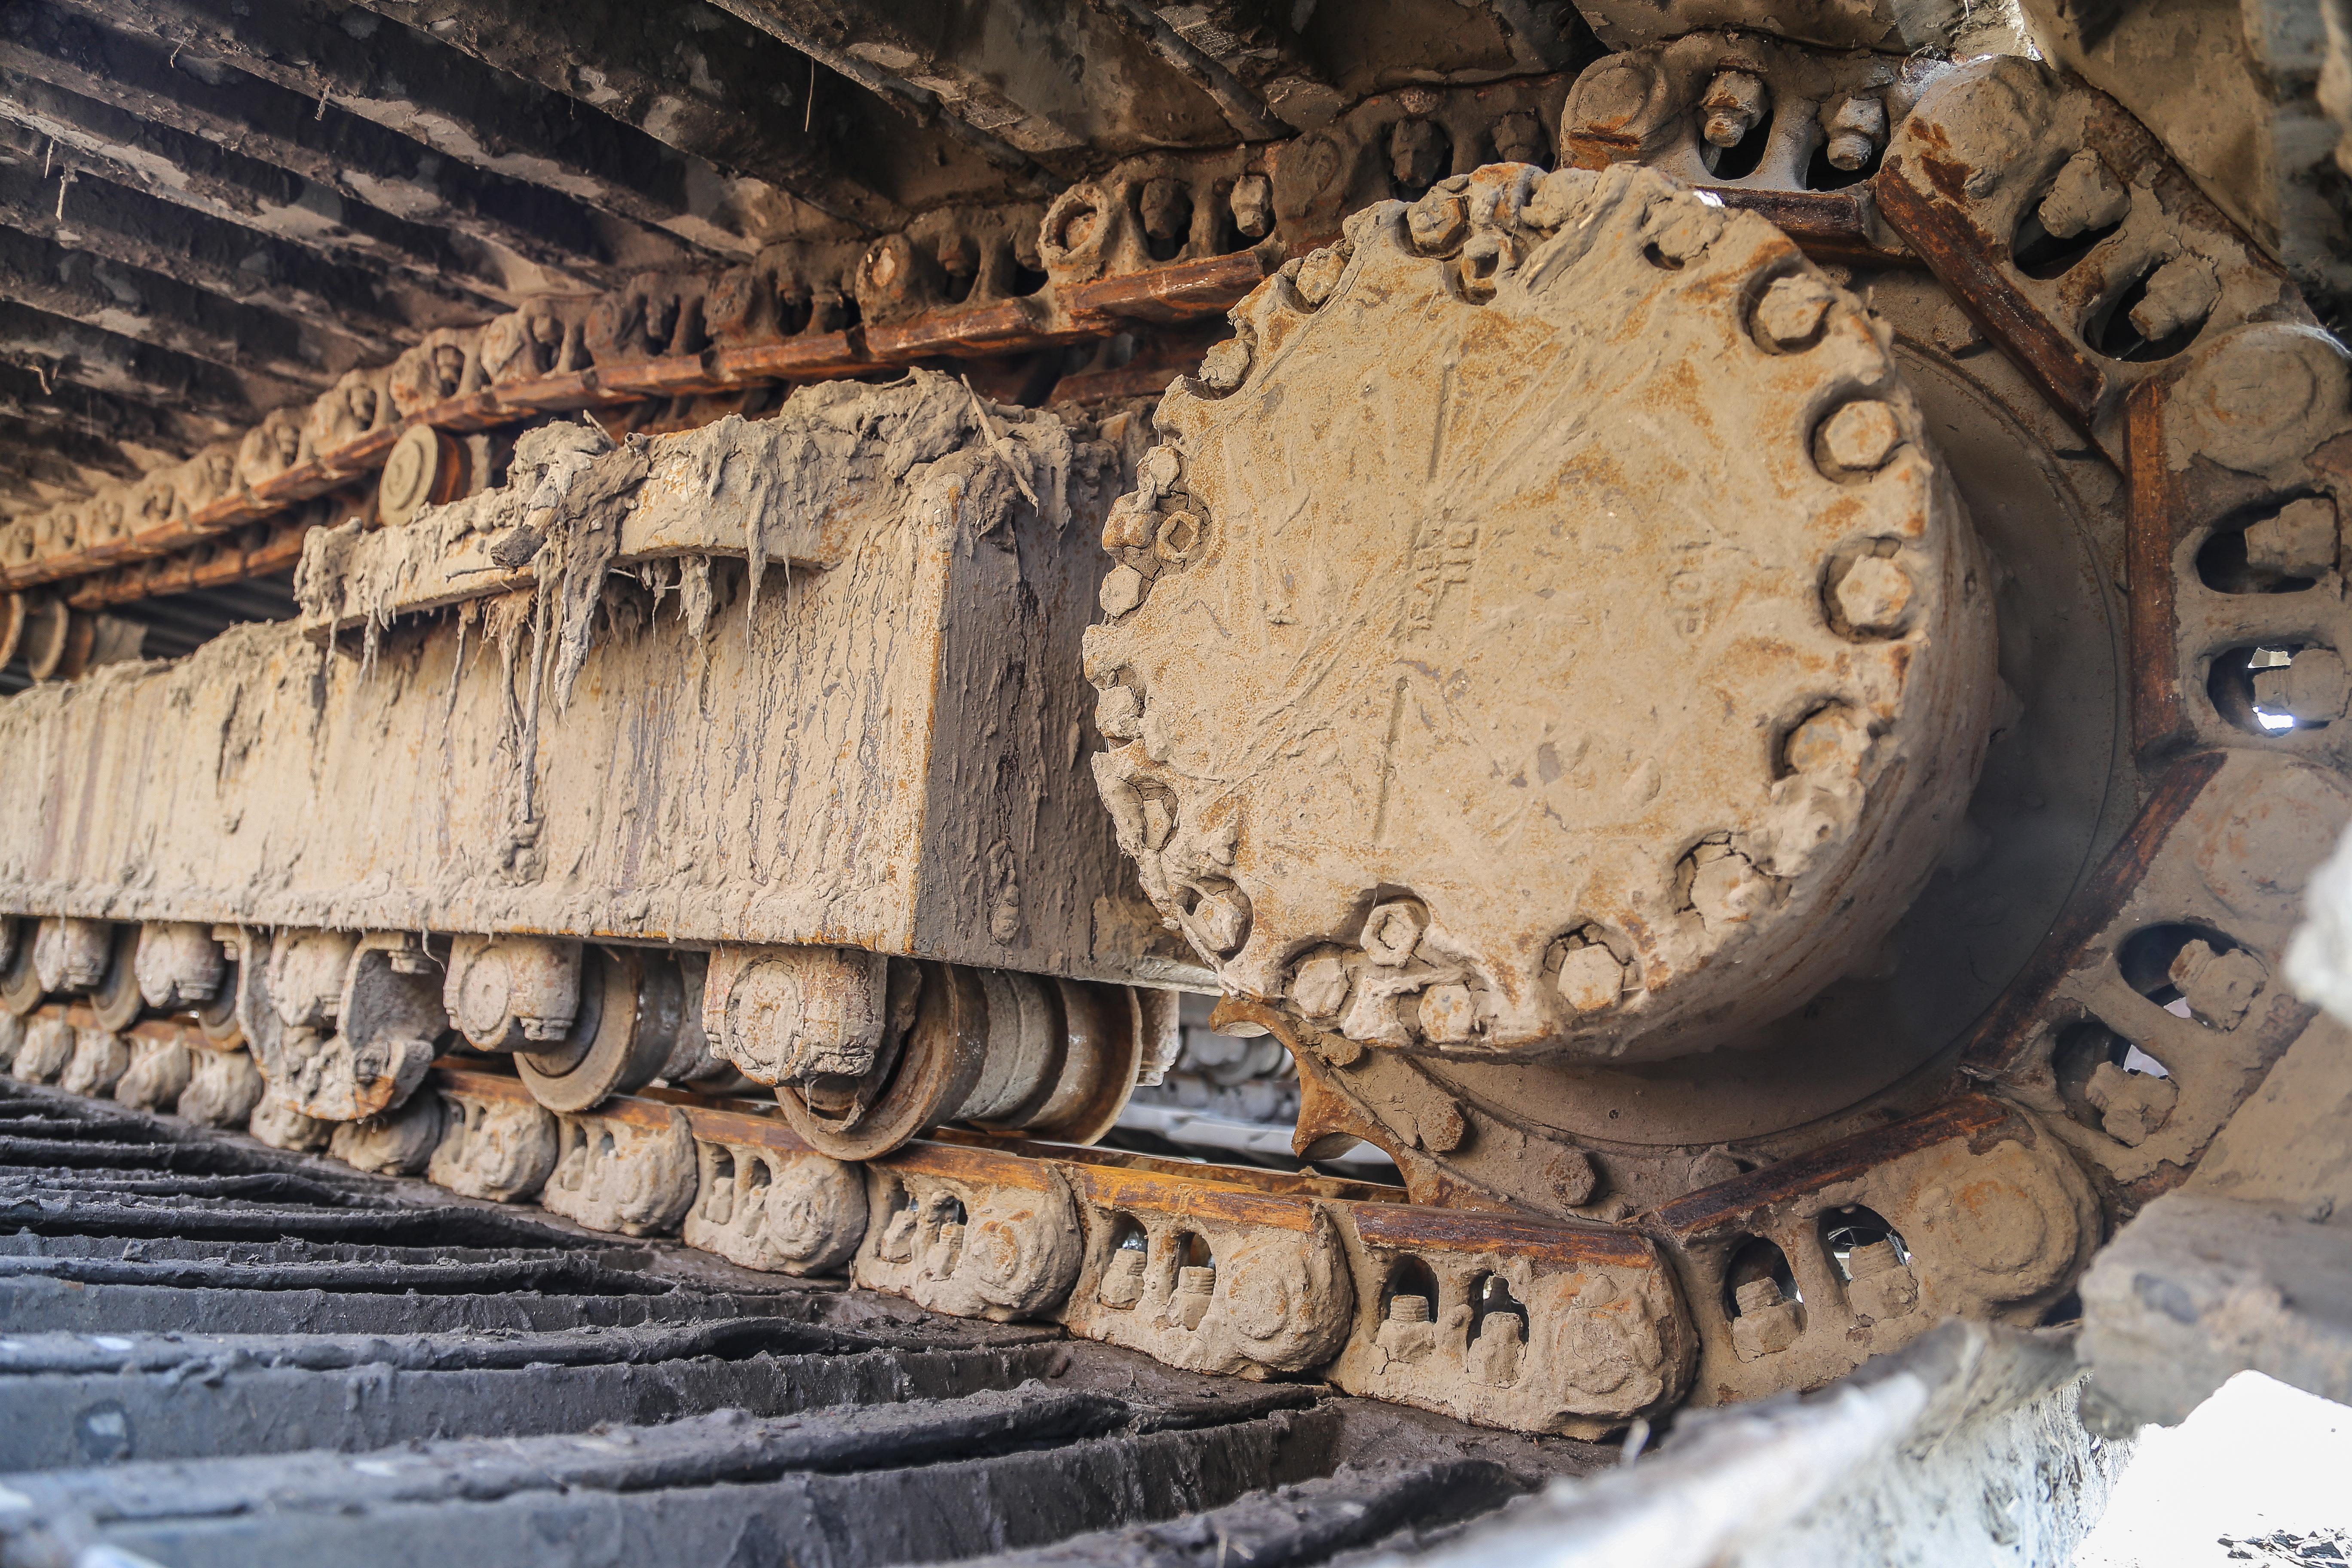 <p>Het werken in zout water komt met een prijs: de onderhoudskosten aan het rijwerk gaan flink omhoog.  Alle slijtdelen hebben veel te verduren, maar ook de krachten op het verlengde en verbrede rijwerk zijn veel groter dan normaal. De rijmotoren gaan daarom ook minder lang mee. </p>